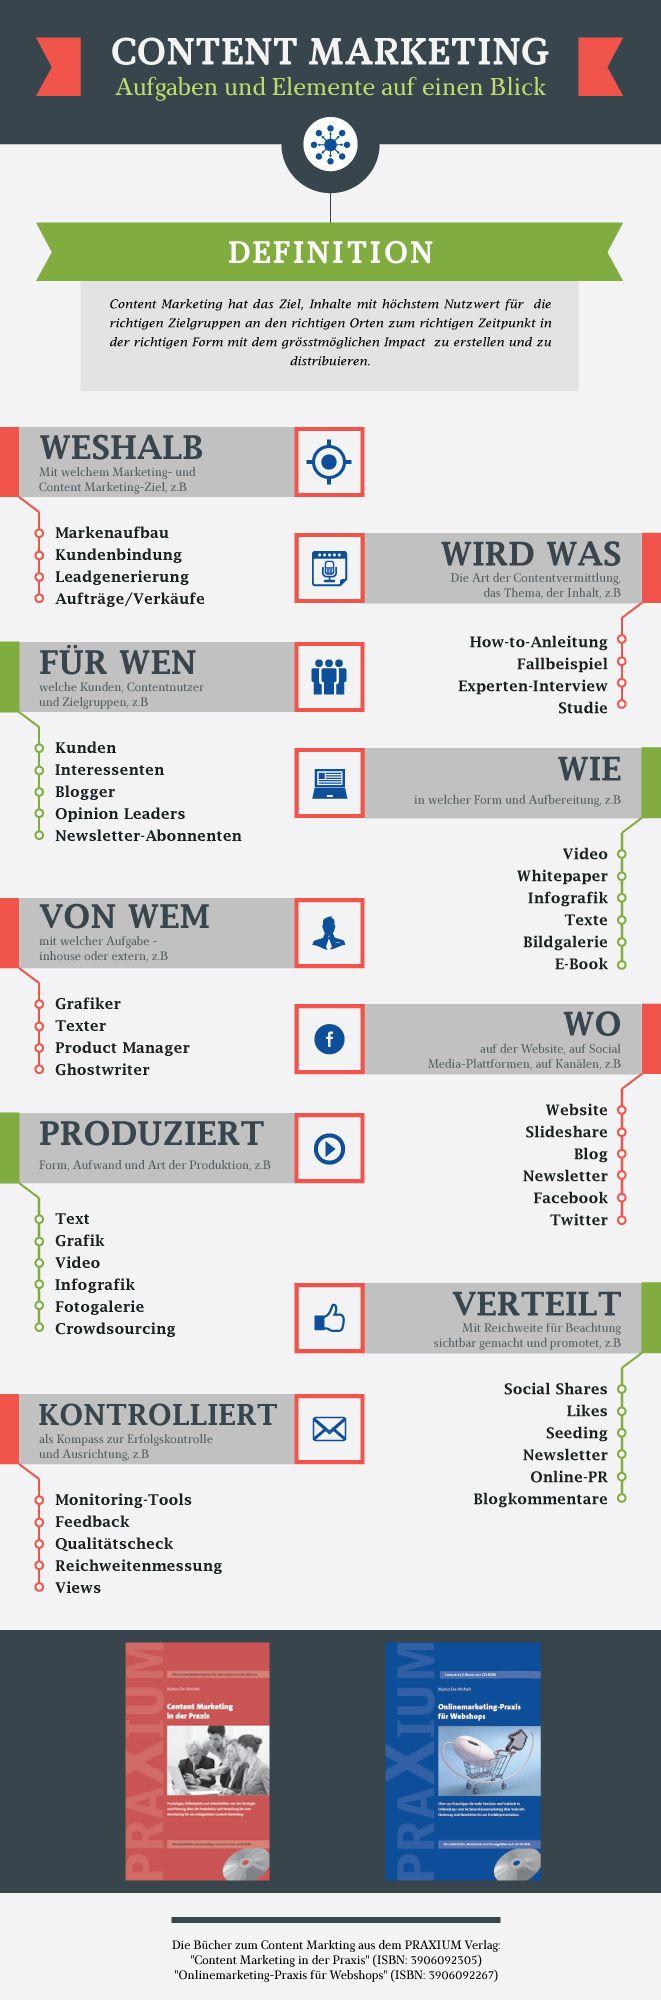 Infografik: Aufgaben und Elemente des Content Marketings auf einen Blick